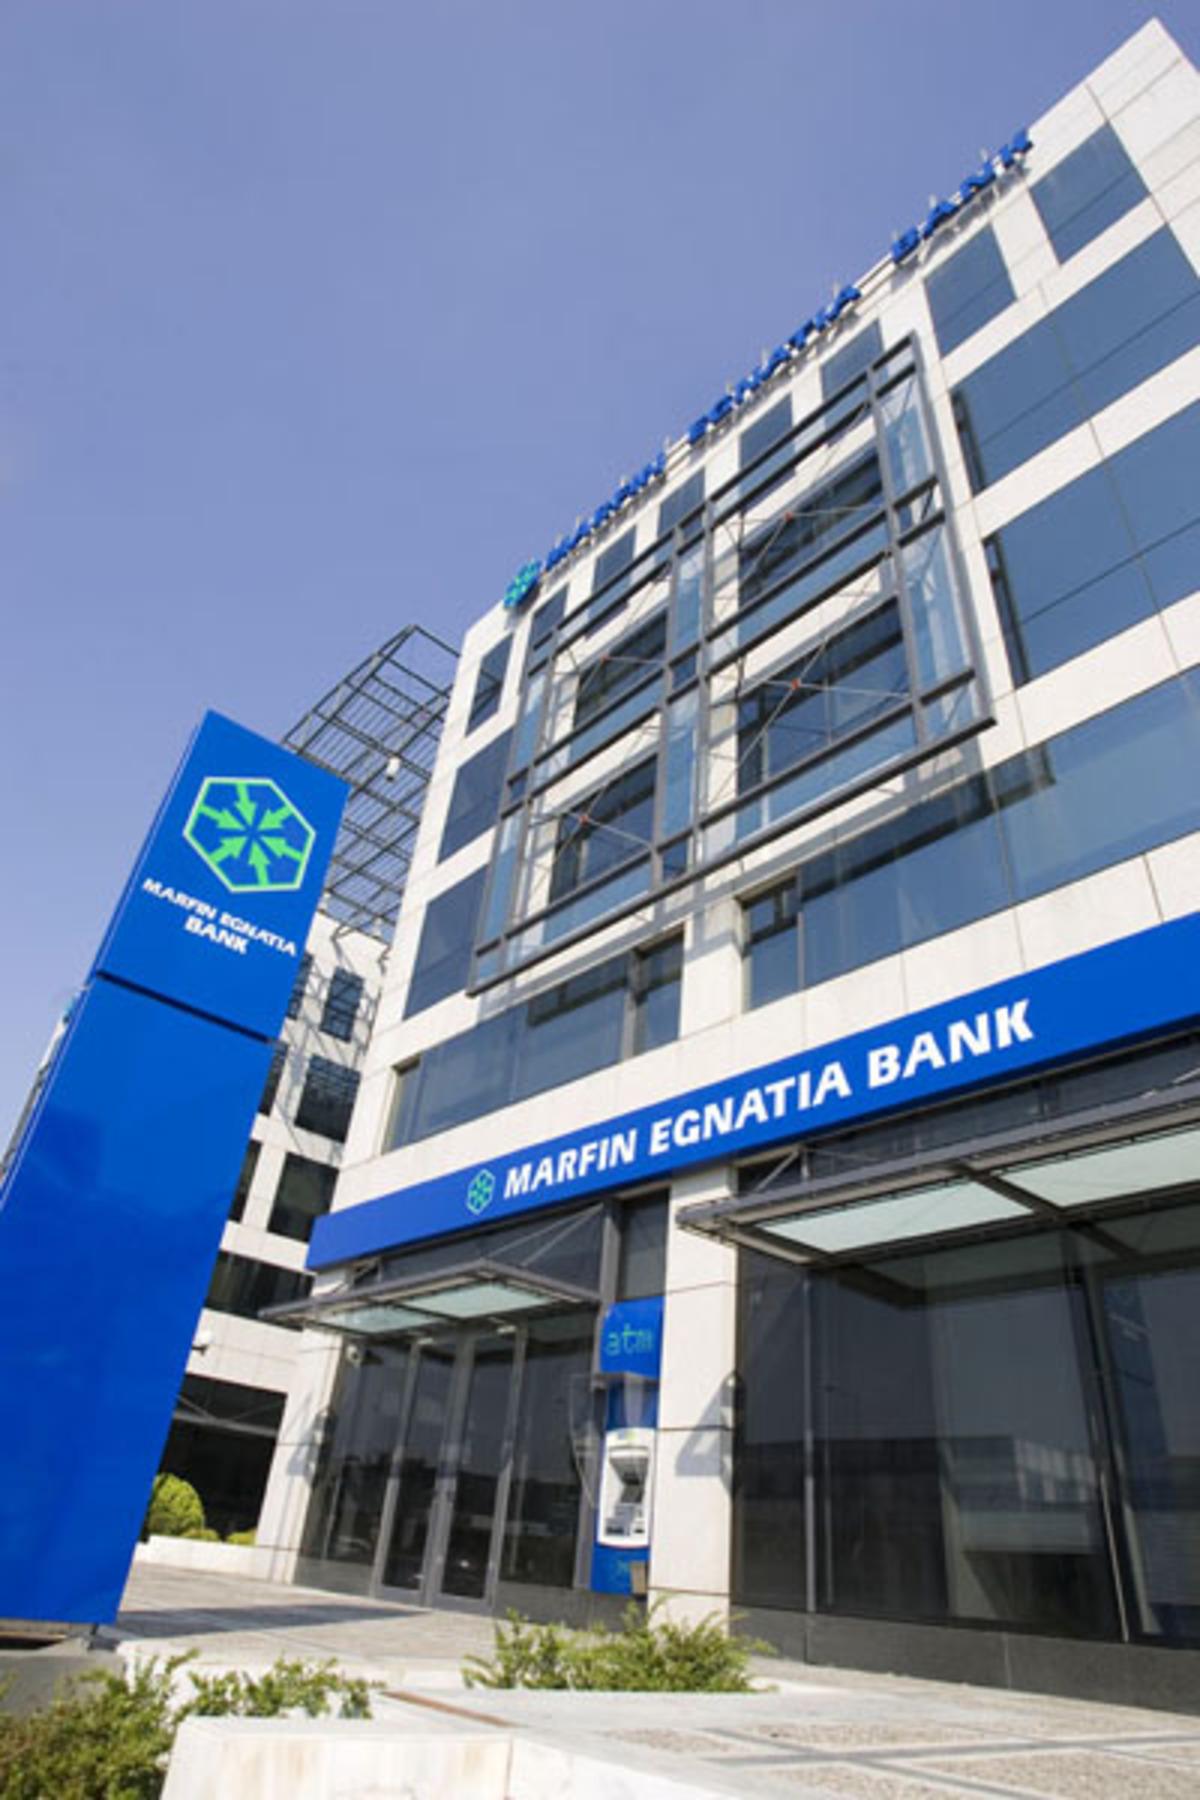 Λαϊκή Τράπεζα: Μικρότερο δίκτυο καταστημάτων, πιο ανταγωνιστικές υπηρεσίες | Newsit.gr